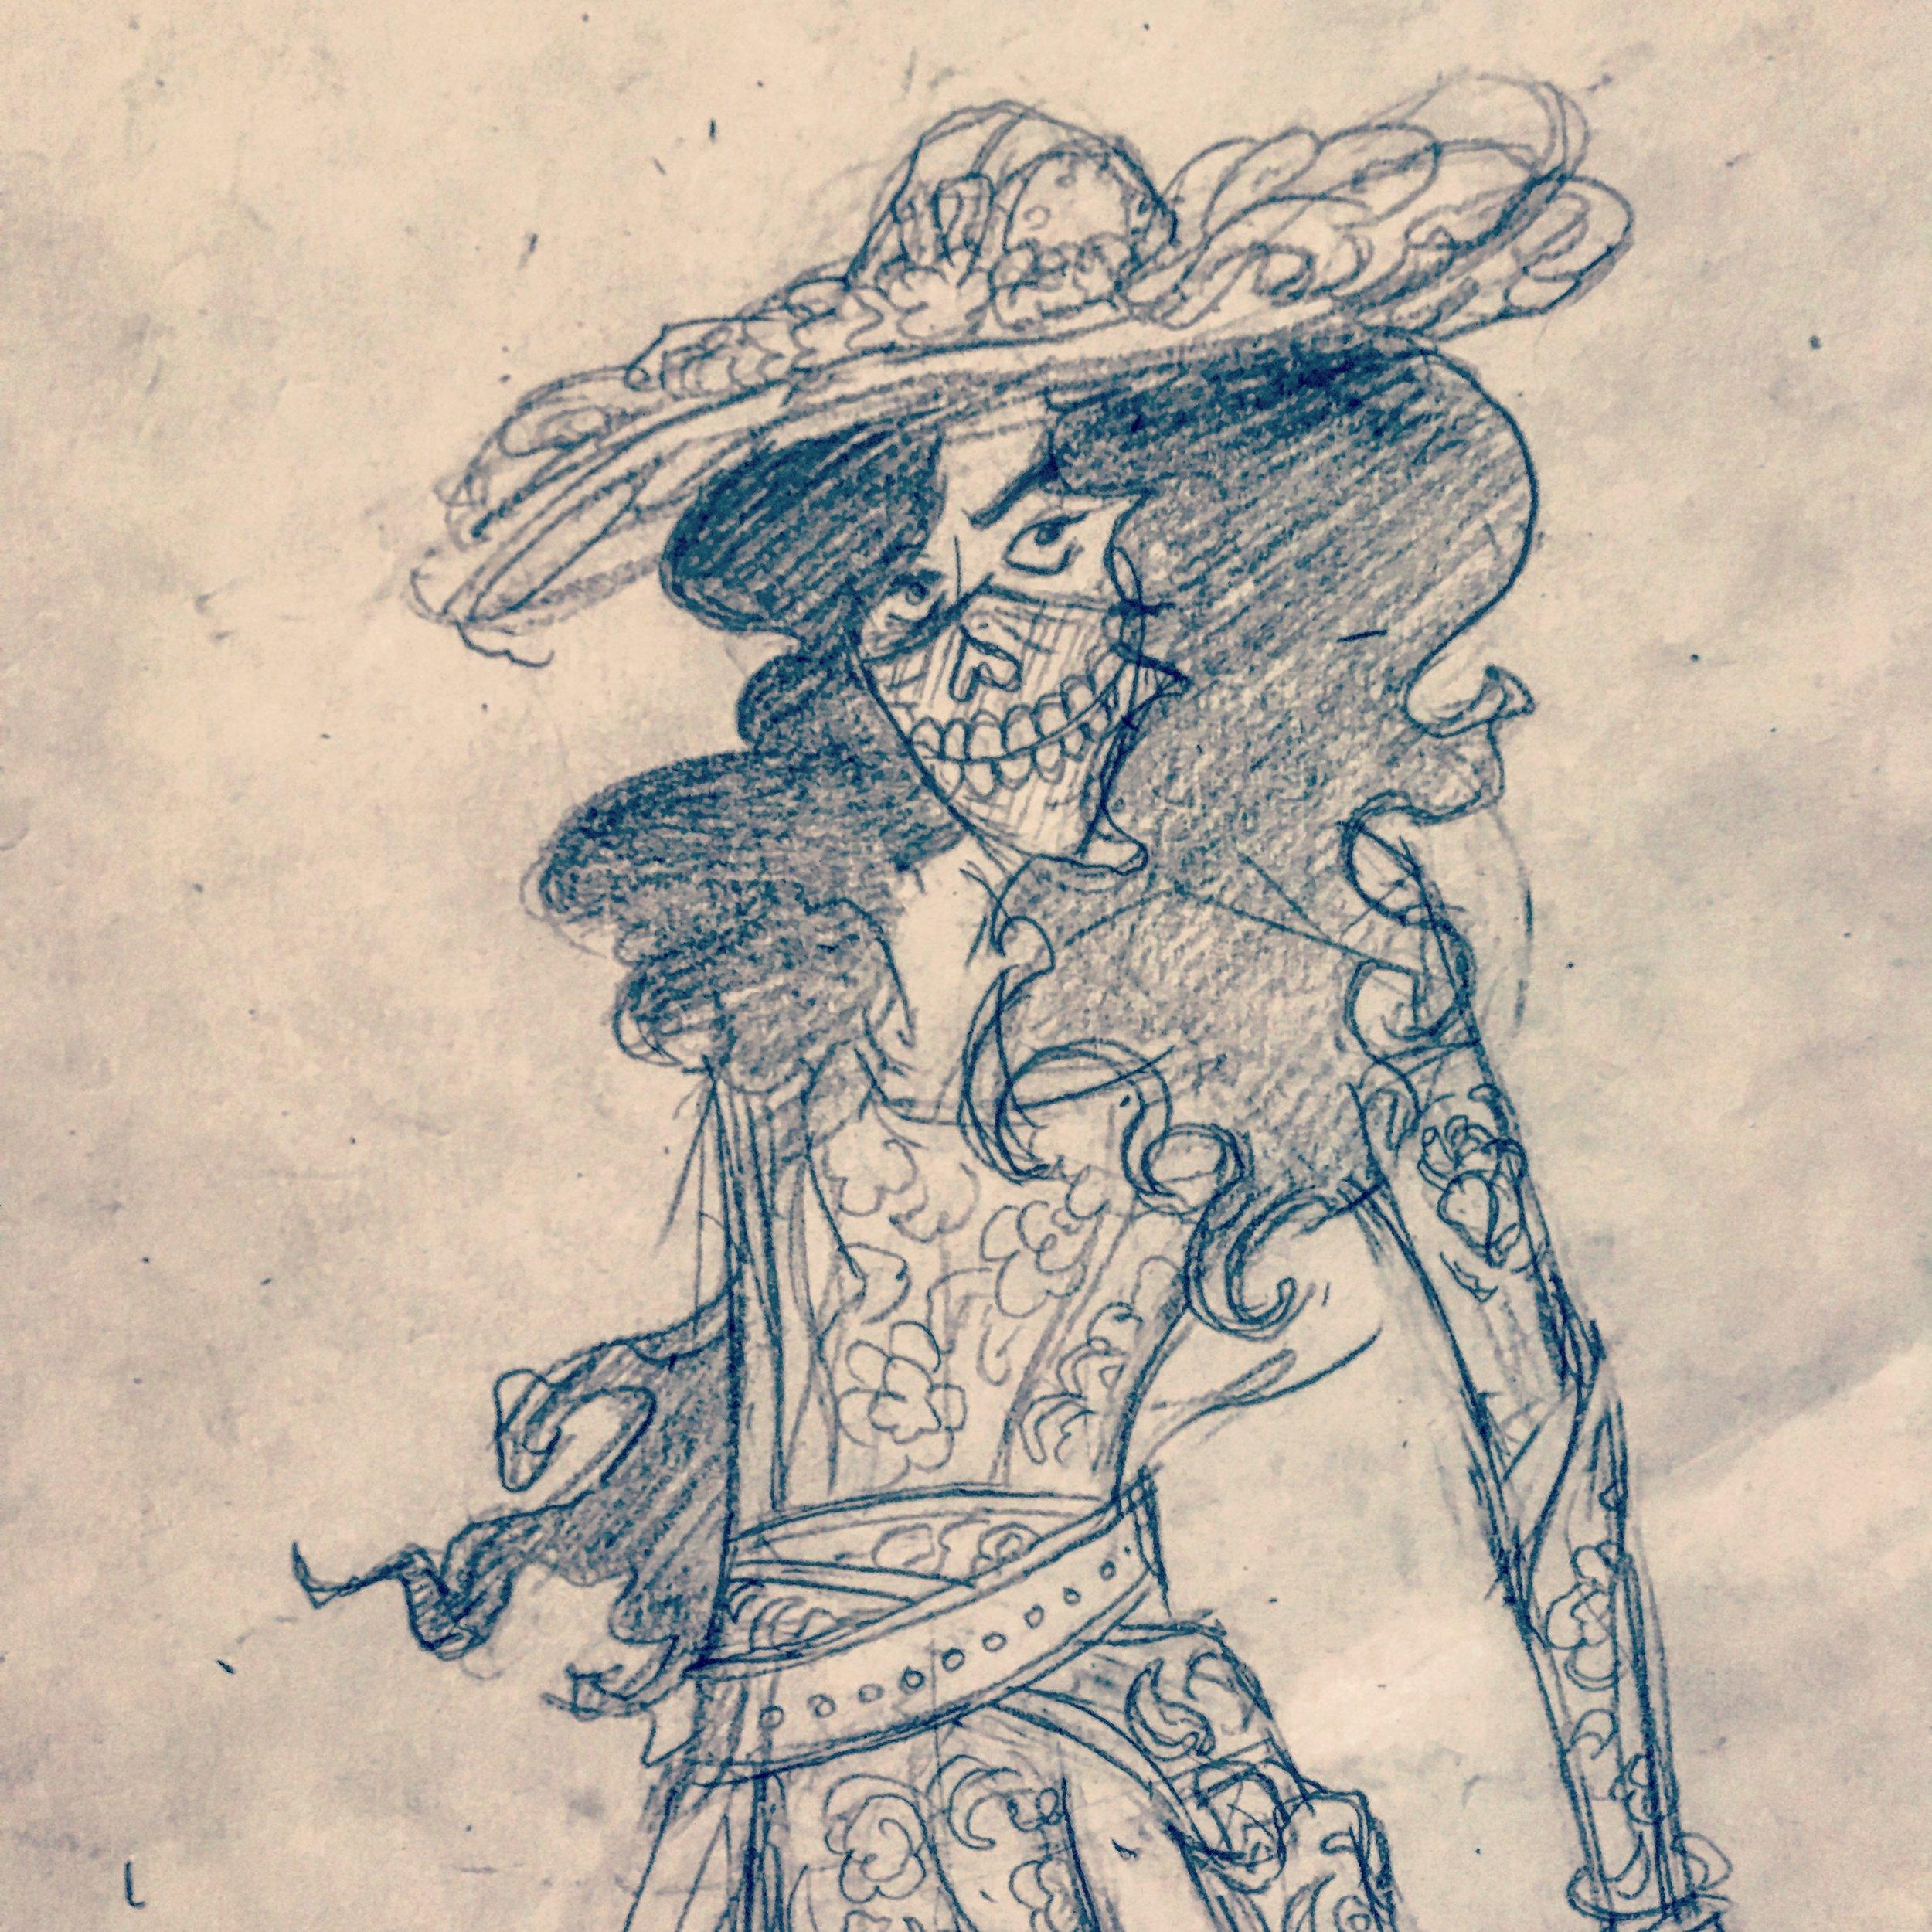 Character sketch of La Llorona